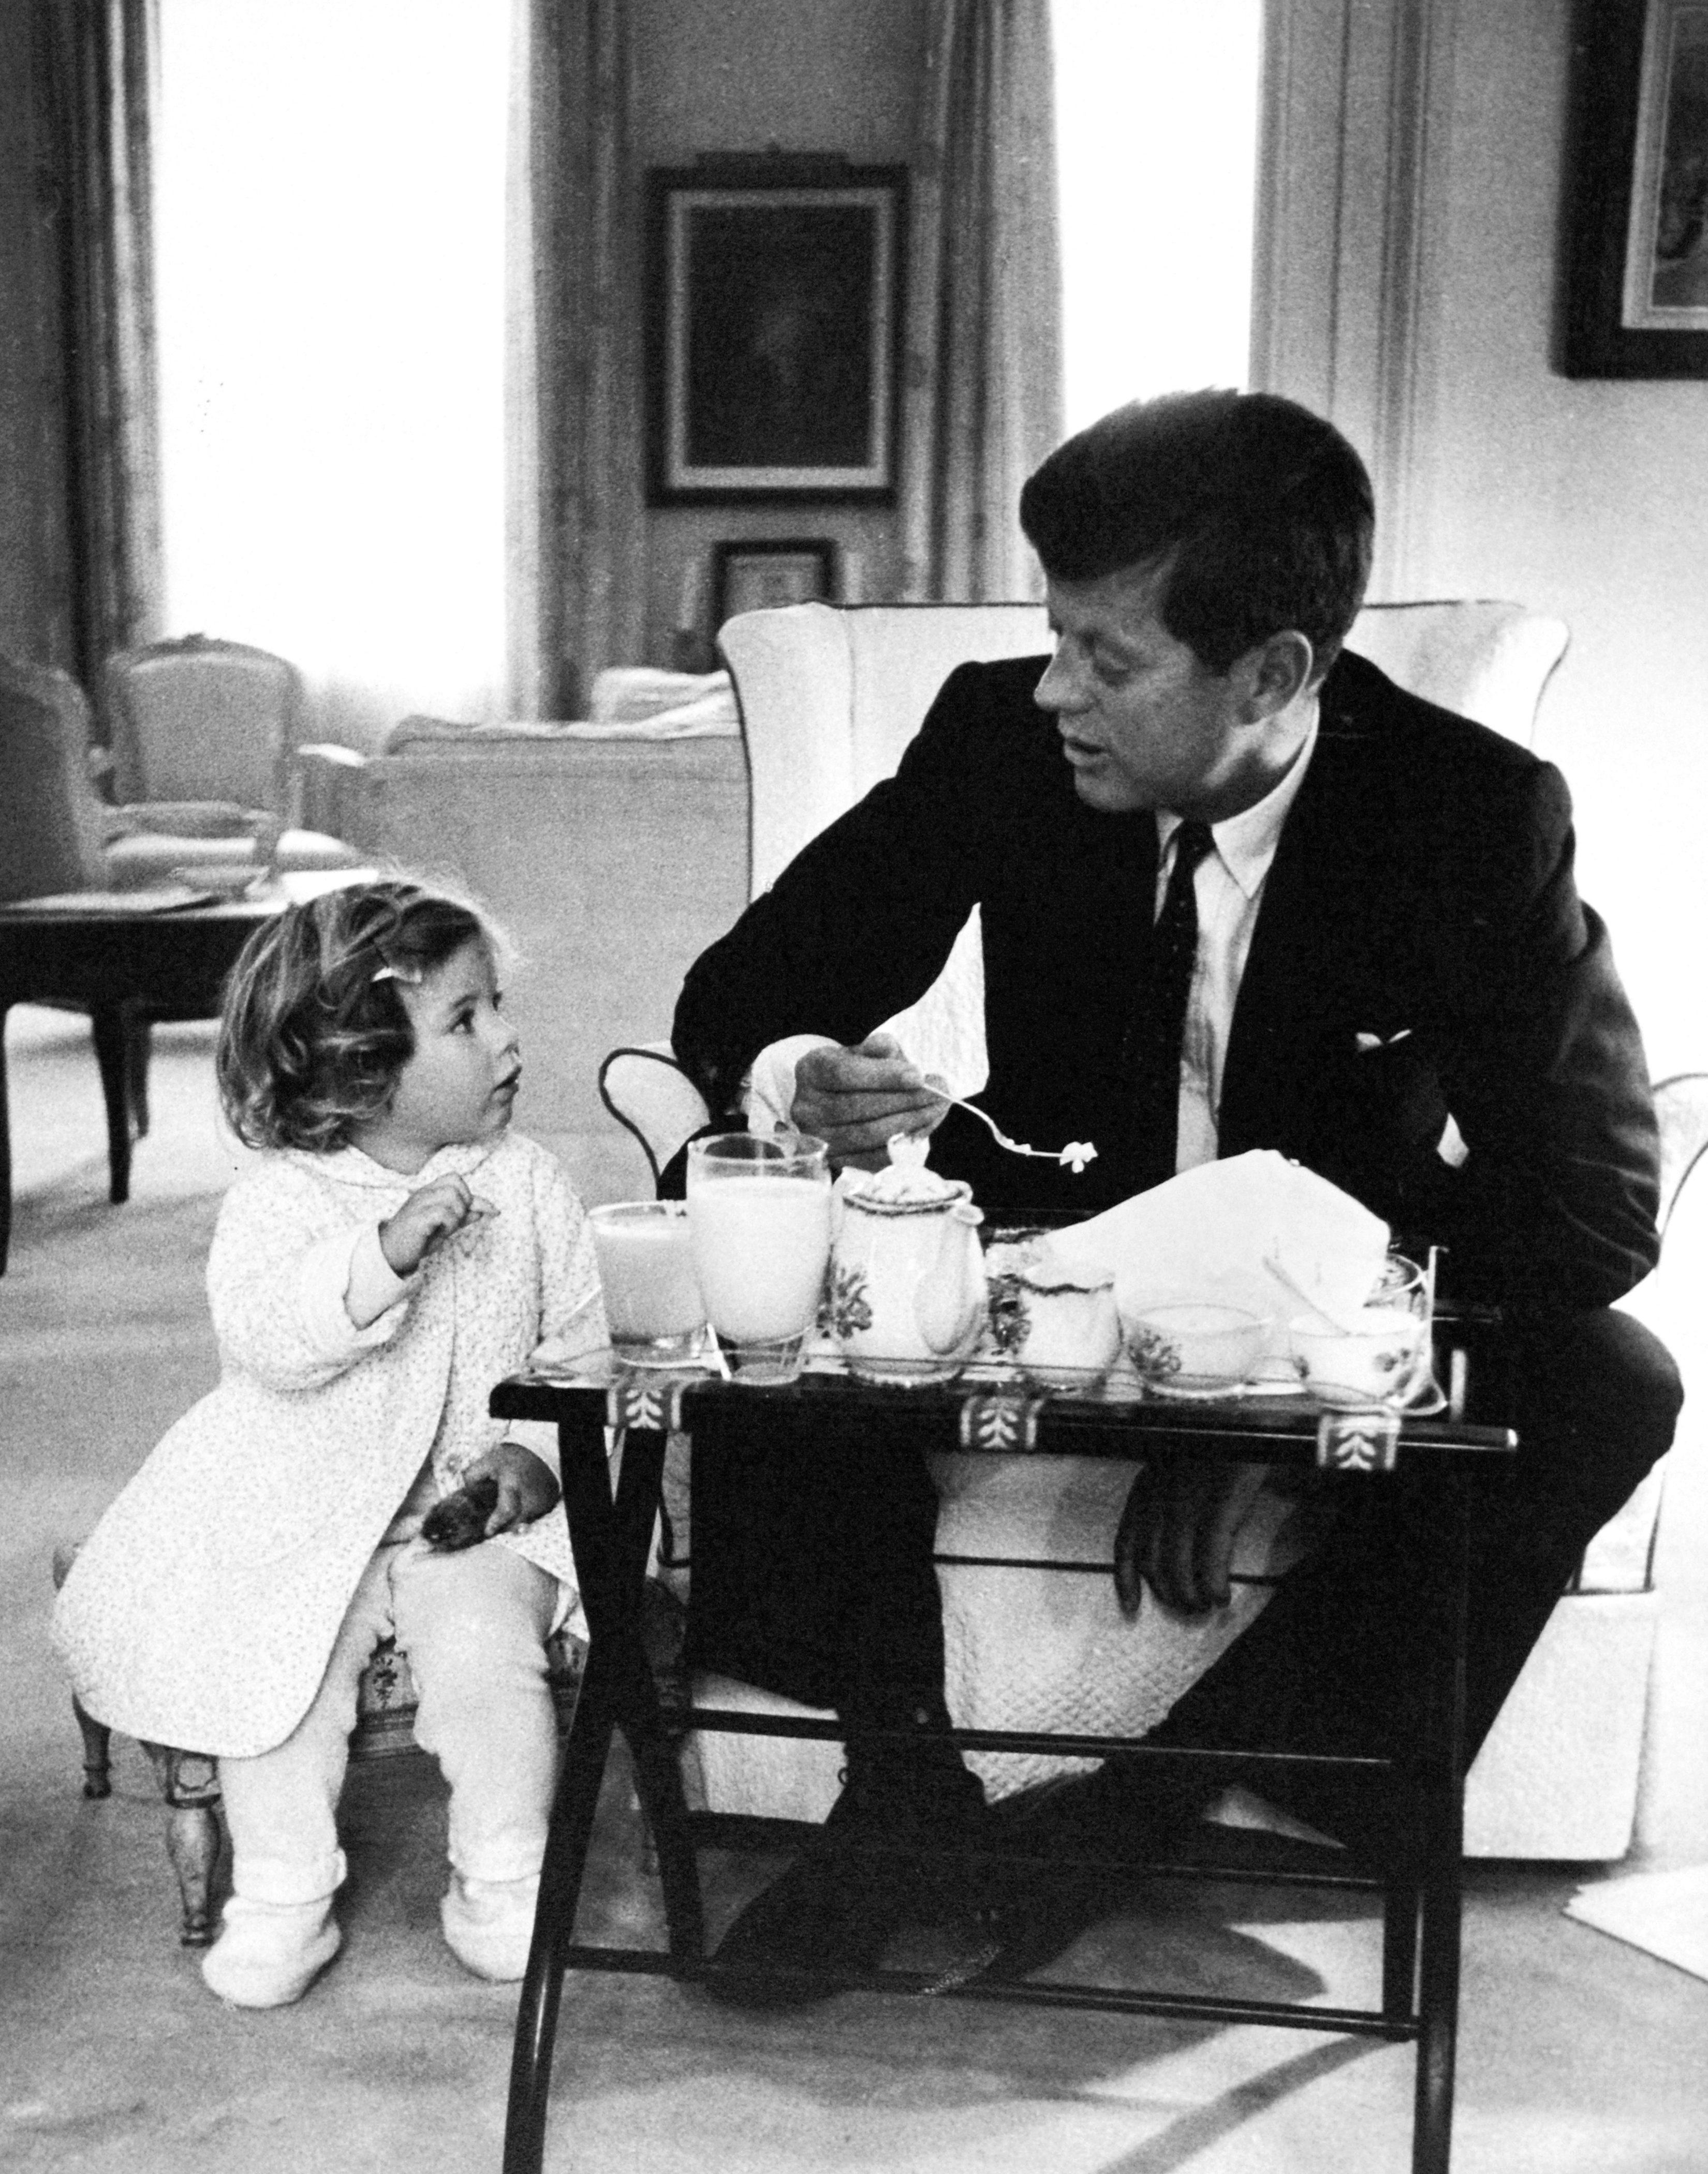 jfk president with children